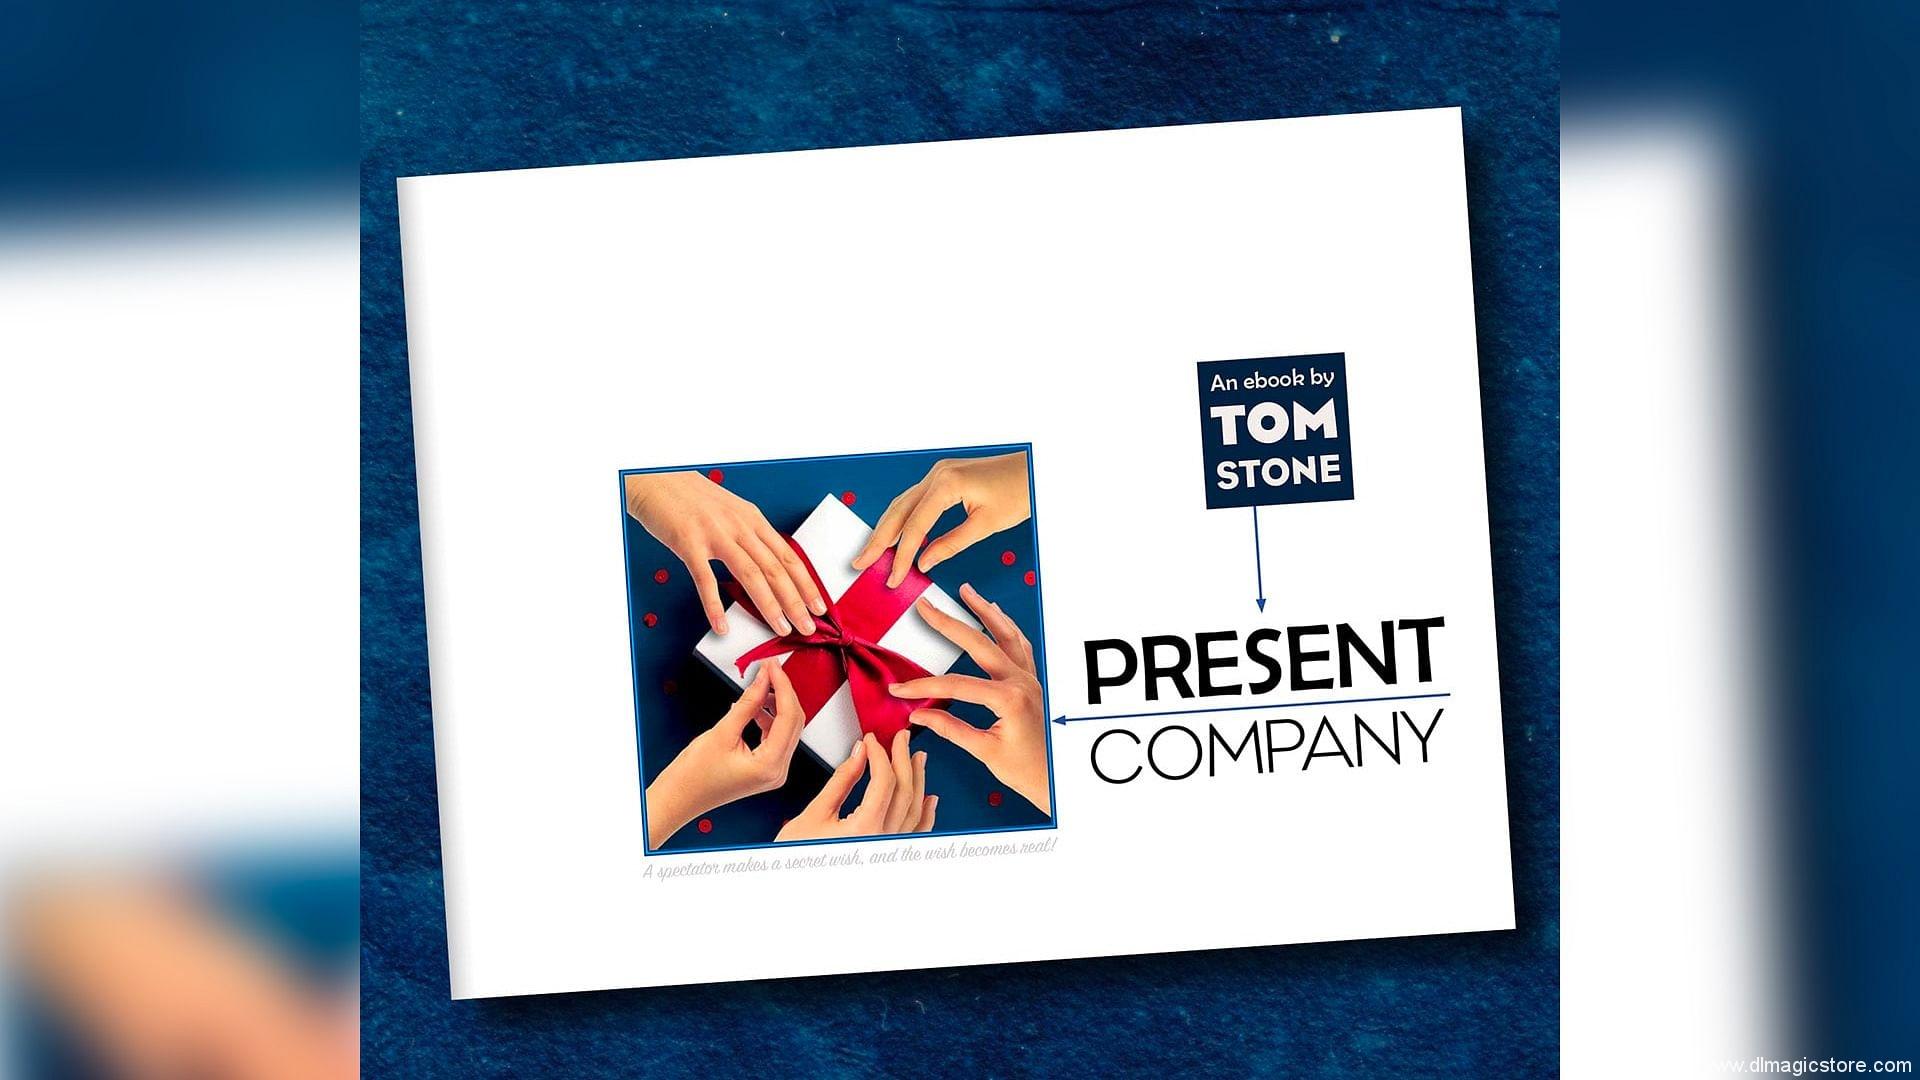 Present Company by Tom Stone